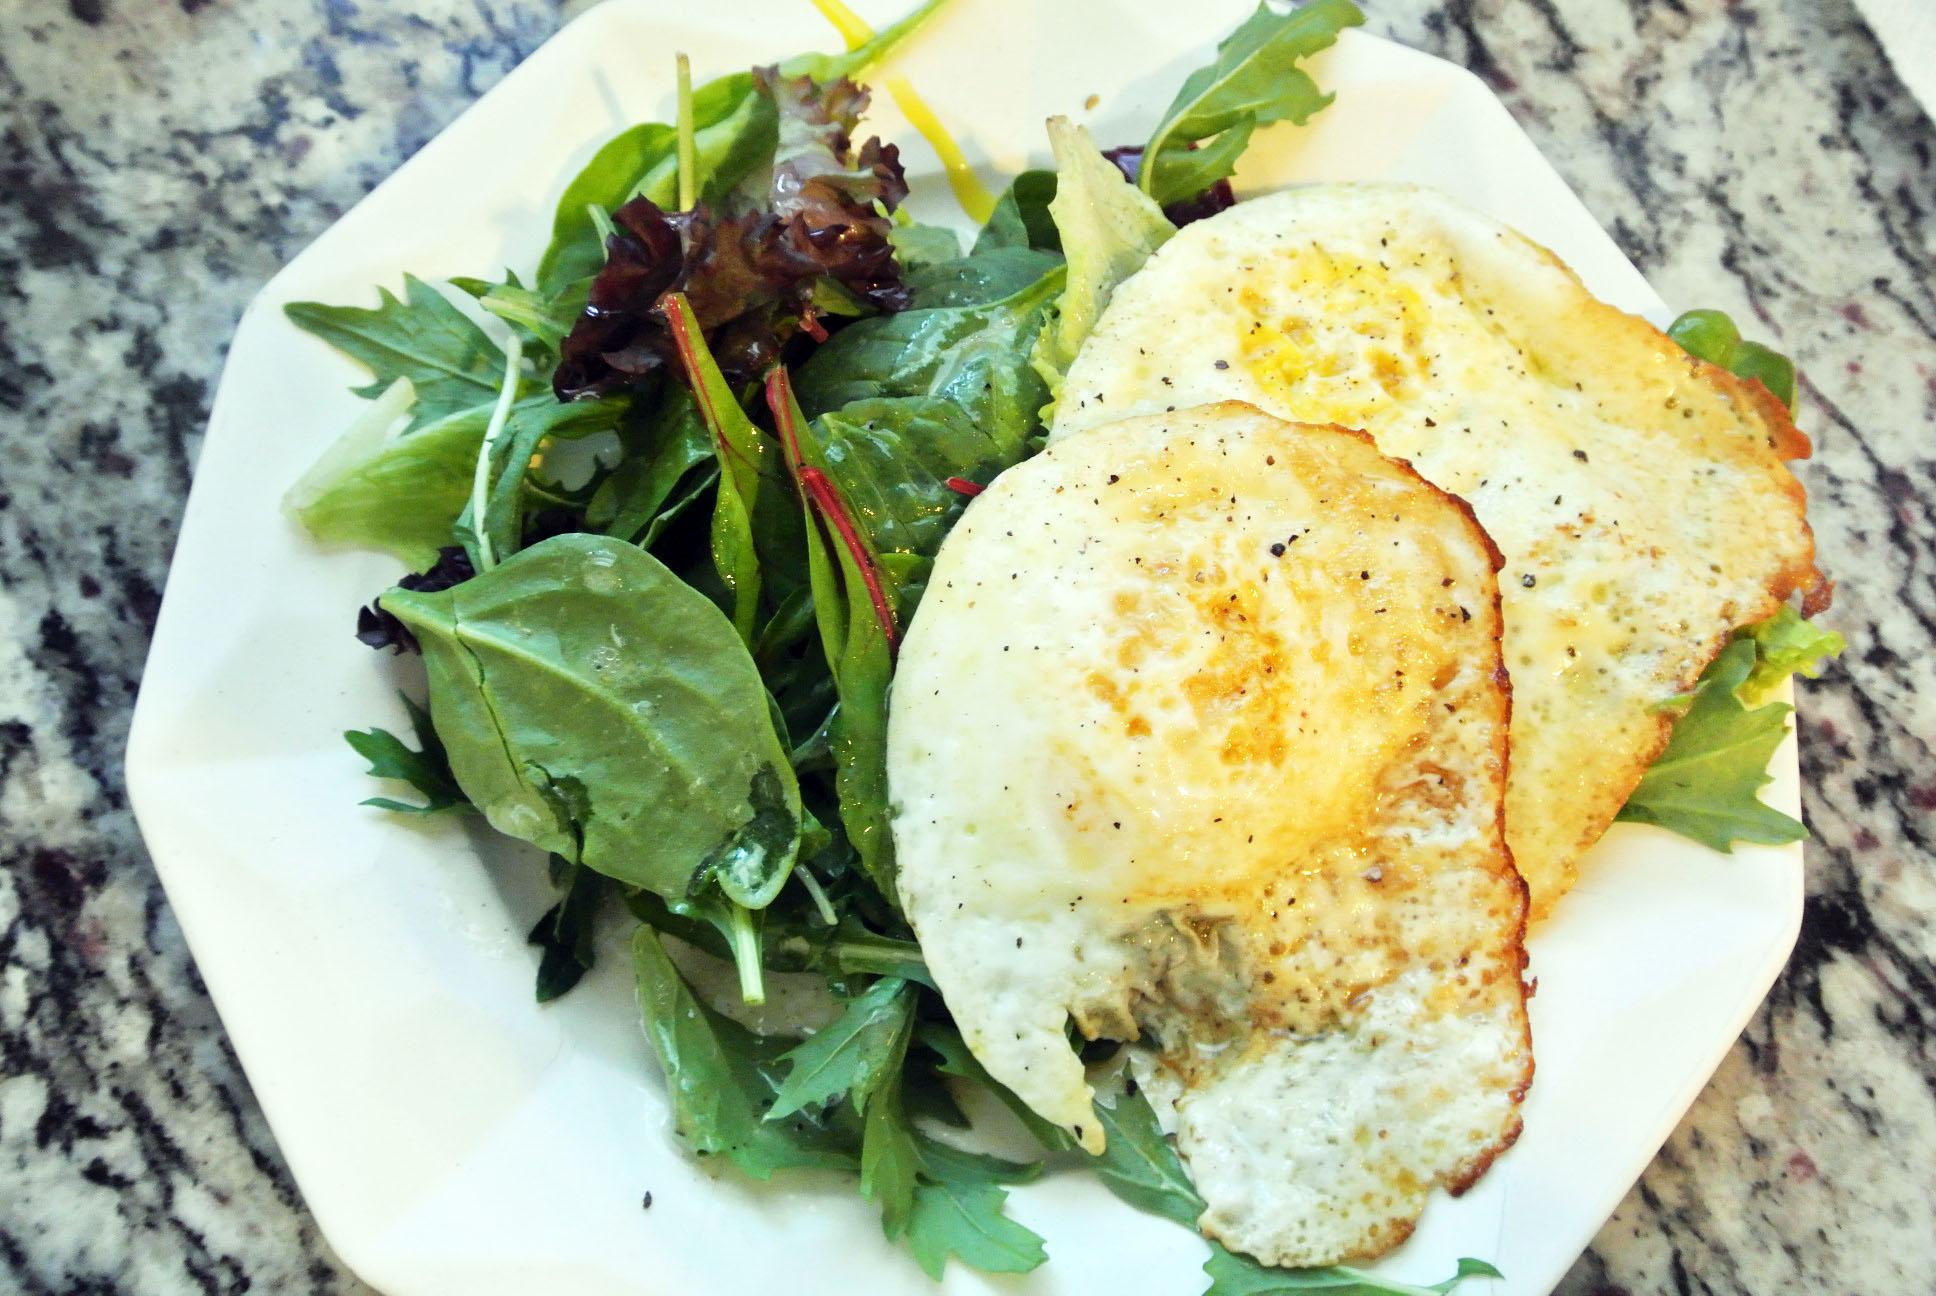 Greek Breakfast Salad; Yeast Free, Gluten Free, Soy Free, Dairy Free, Nut Free Recipe